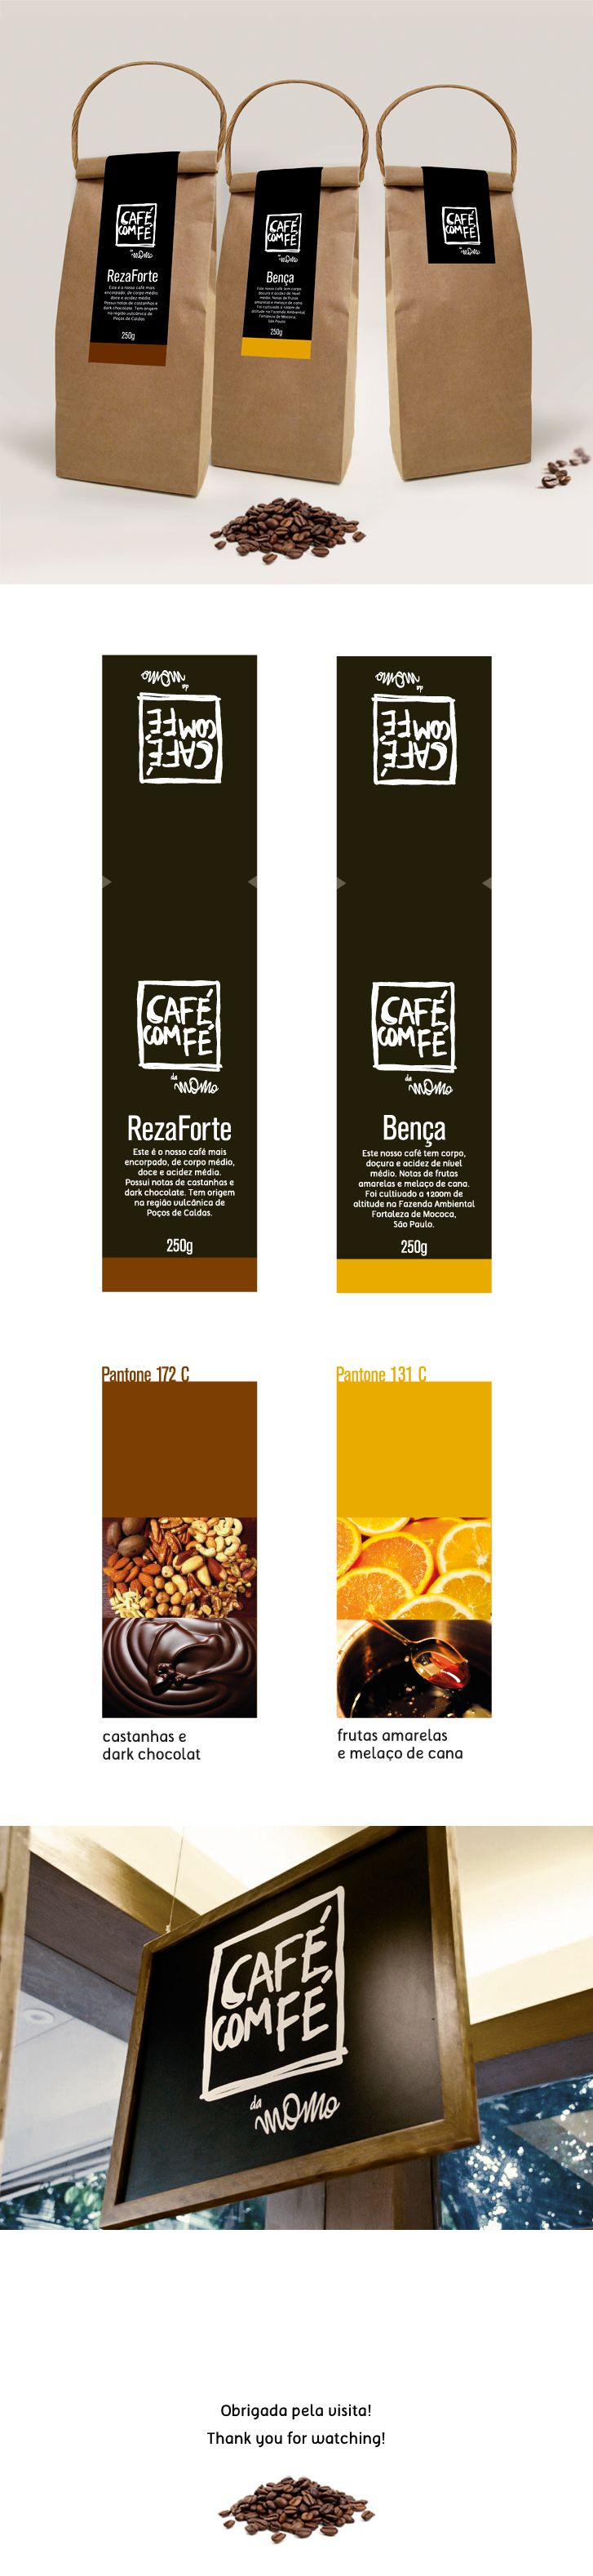 Café com Fé by Momo Gelato www.behance.net/gallery/14374849/Embalagem-Caf-com-F